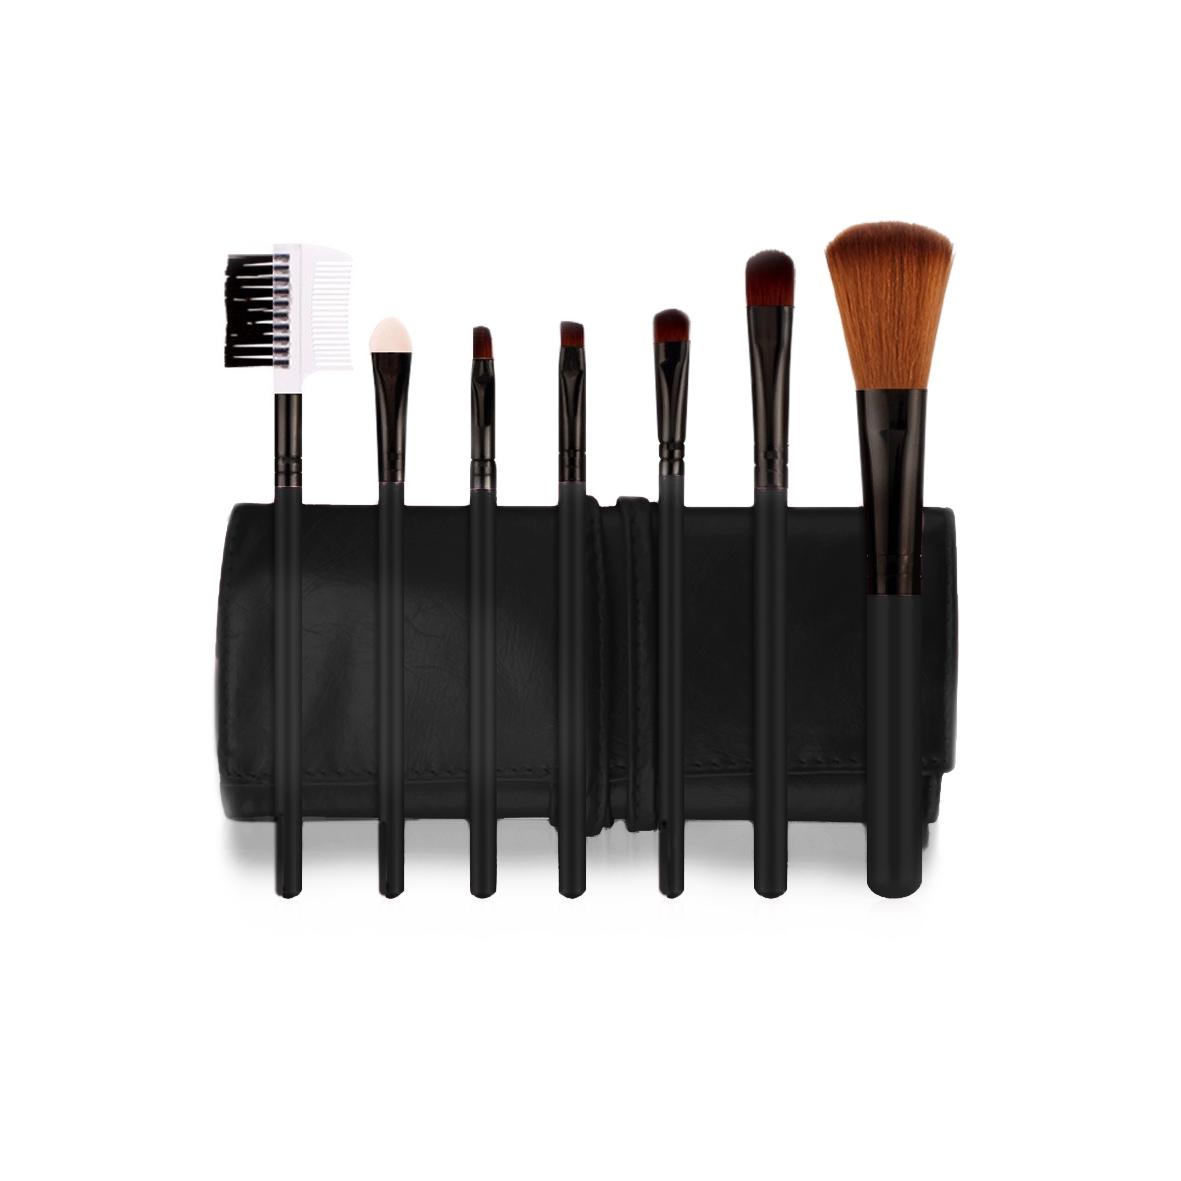 POSH Набор кистей для профессионального макияжа (волокно кинеколон), черный кожаный чехол 7шт от Галерея Косметики